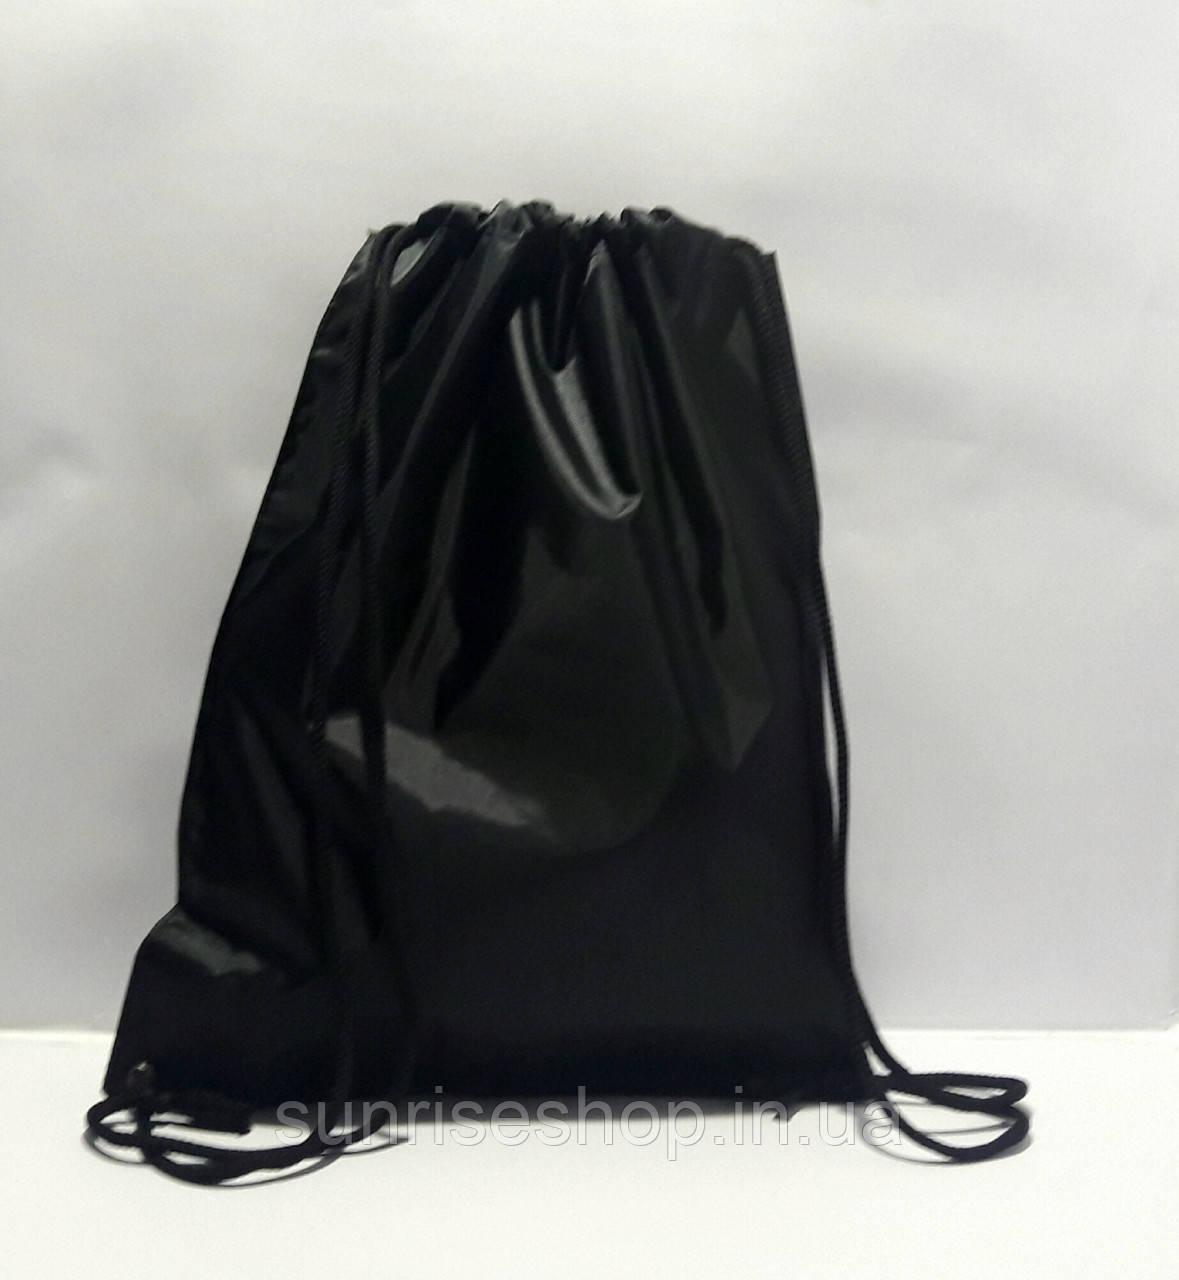 Рюкзак для сменной обуви черный